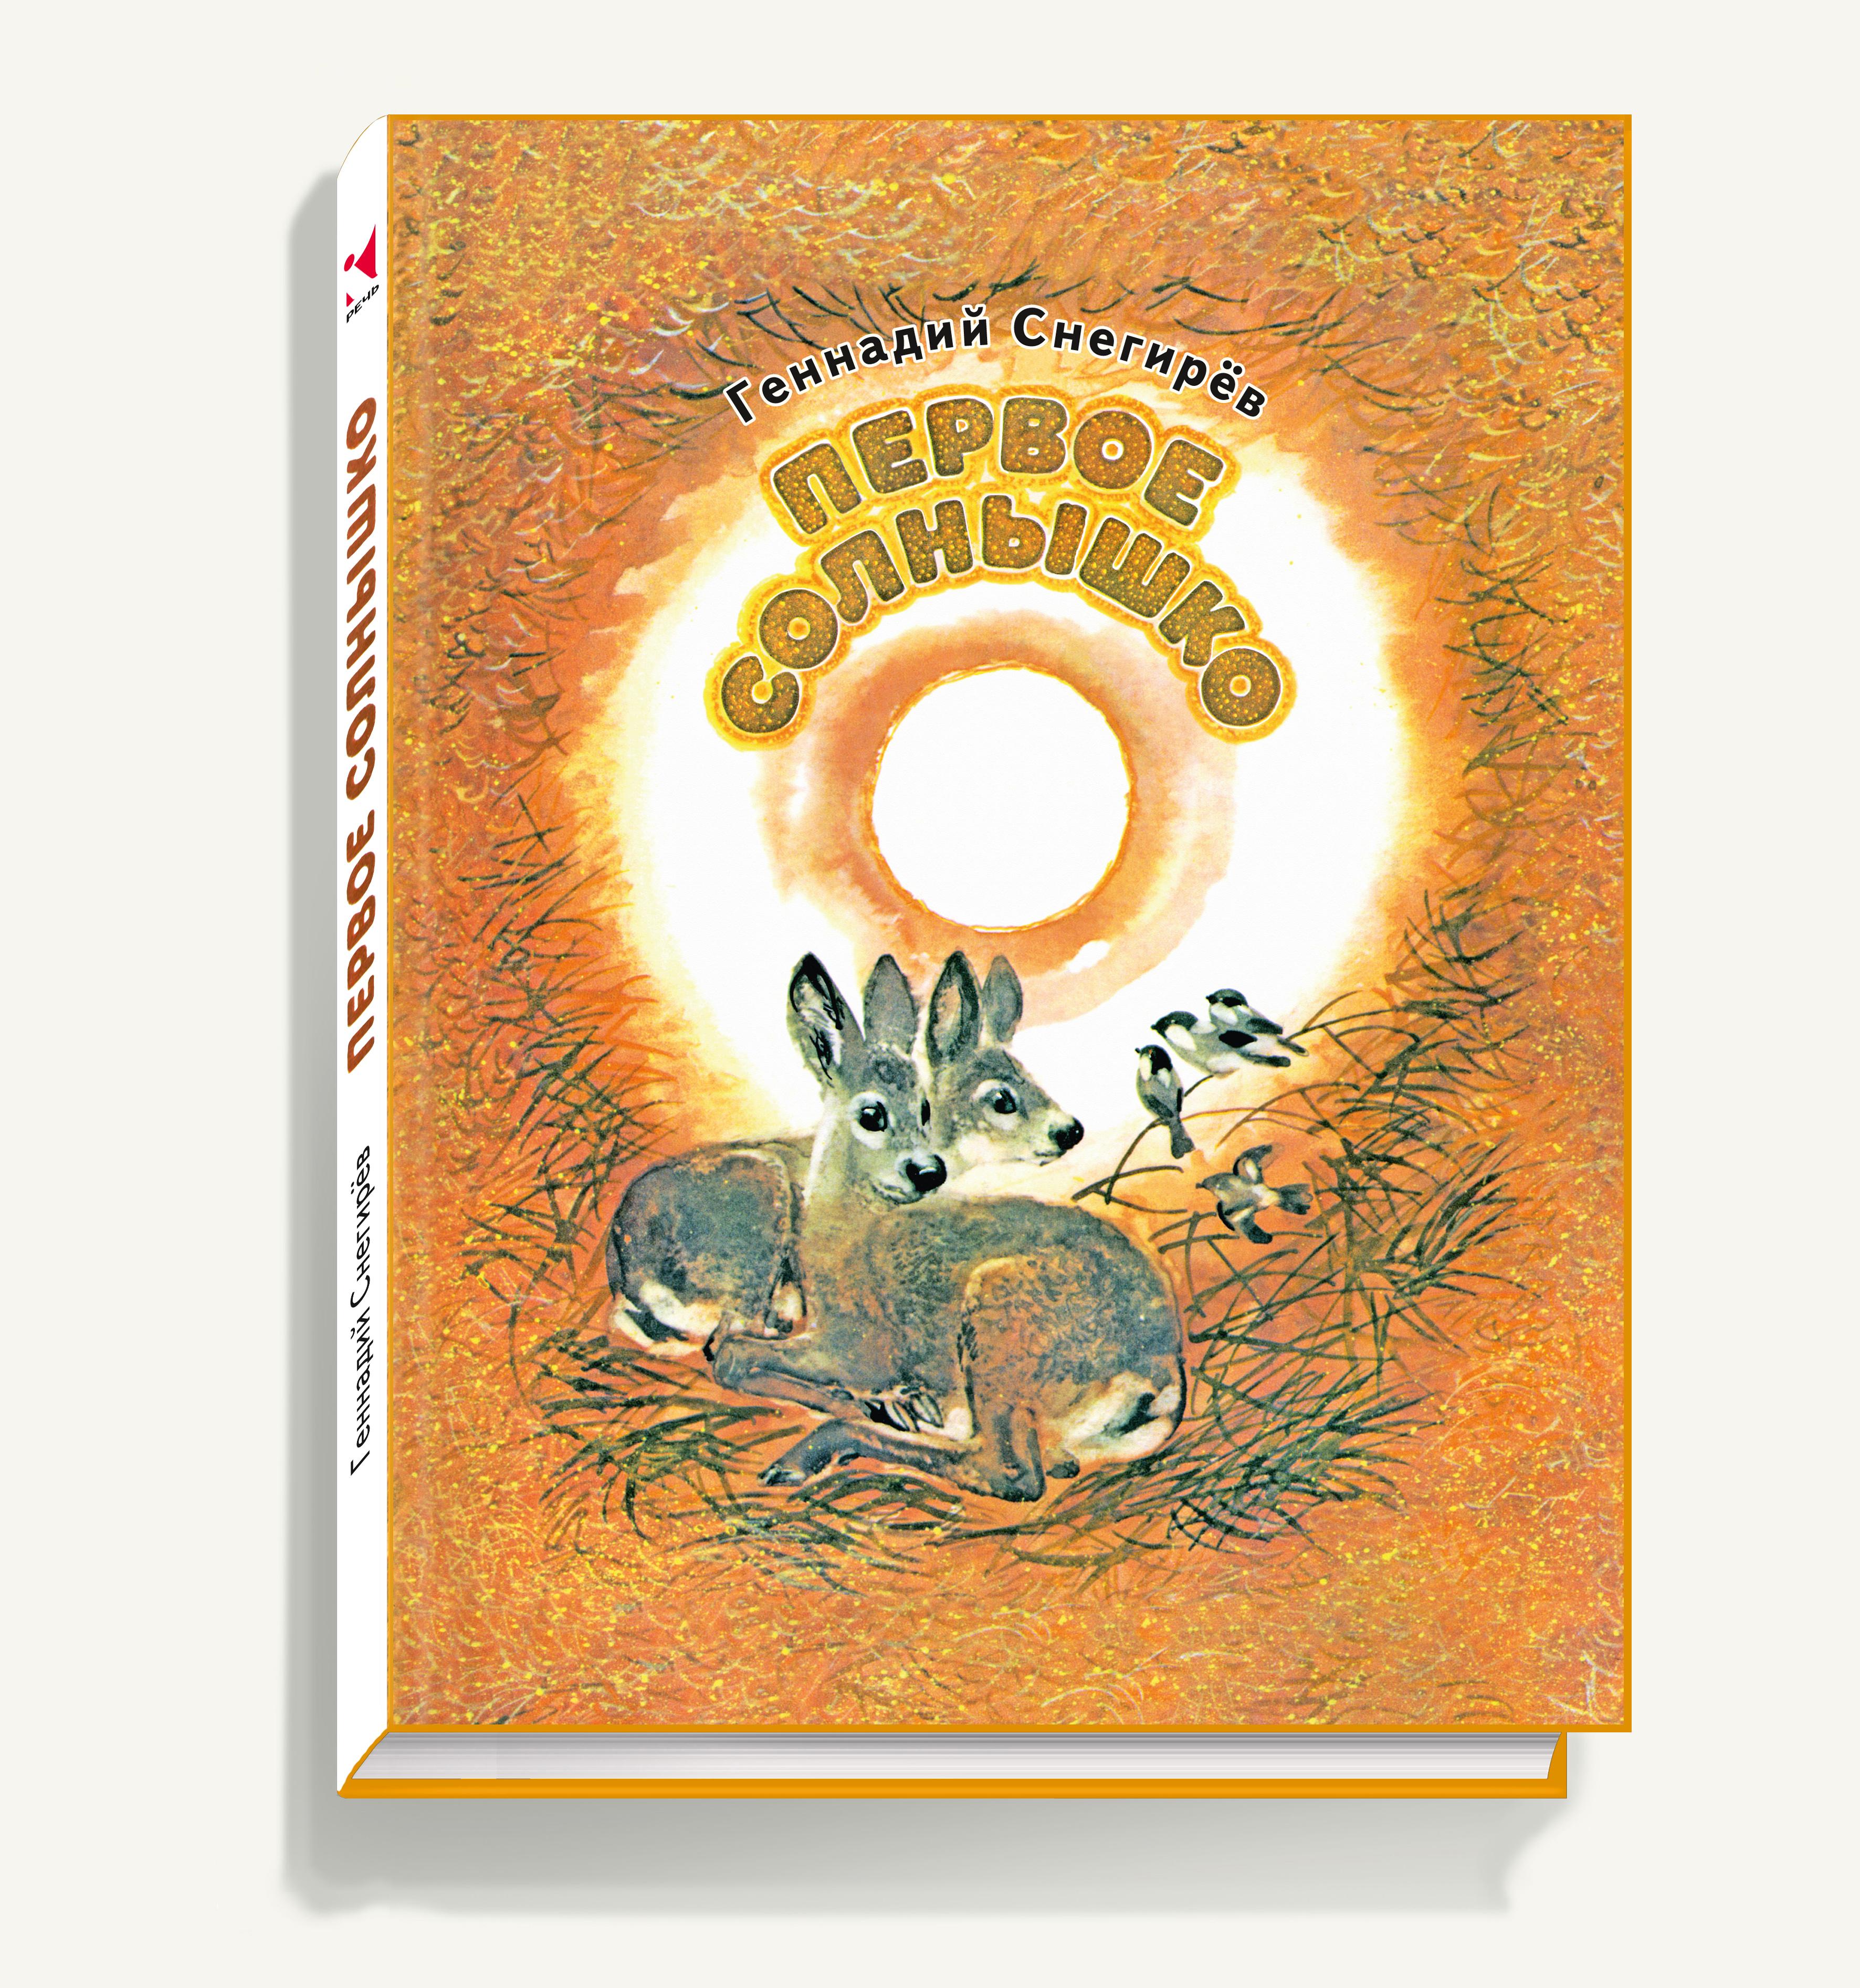 Первое солнышко12296407Рассказы Геннадия Снегирёва откроют маленьким читателям удивительный мир русского леса и его обитателей: птиц и зверей, птенцов и зверят, которые только-только увидели своё первое солнышко. В них нет ни капли выдумки — ведь все, о чём пишет автор, он видел собственными глазами, путешествуя к разным концам нашей страны, пробуя множество профессий и дел: Геннадий Снегирёв участвовал в геологических экспедициях, археологических раскопках, опасных плаваниях; пробовал себя в оленеводстве и егерстве, всегда оставаясь чутким наблюдателем окружающего мира. Рисунки к книге выполнила замечательная художница-анималист Татьяна Капустина, благодаря которой каждая страница — это новая и запоминающаяся встреча с миром живой природы.